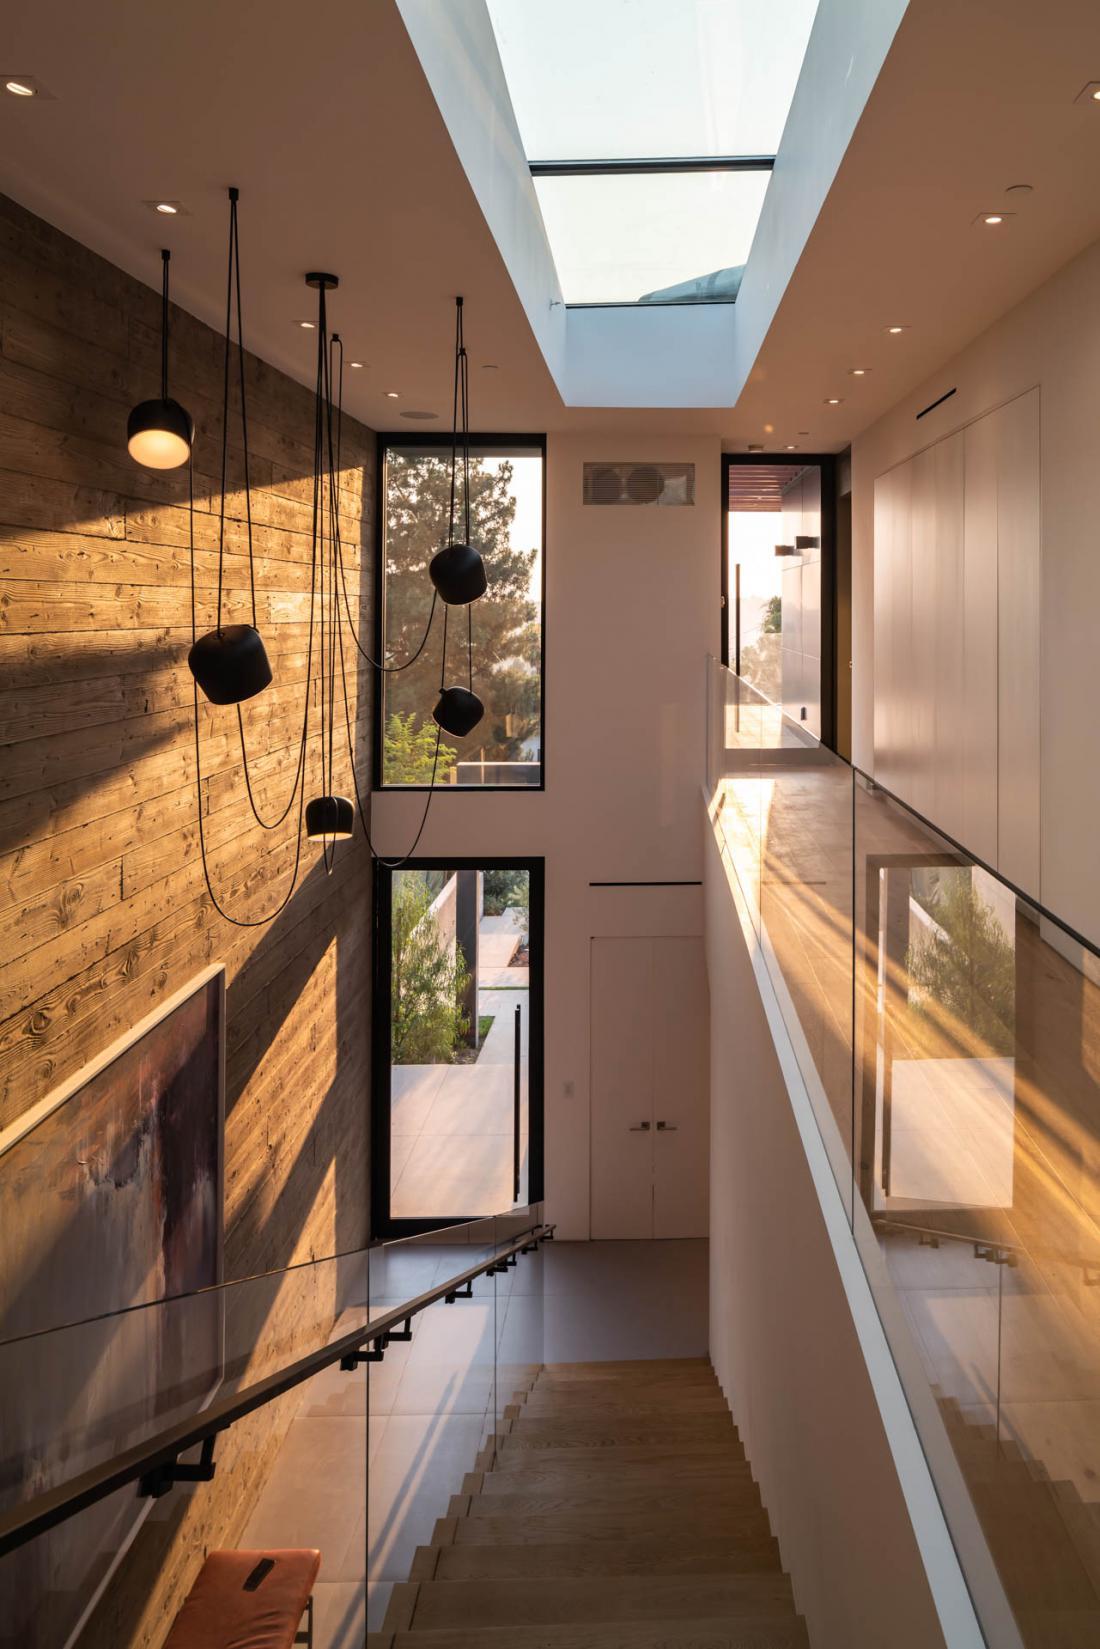 Hiša je obsijana z naravno svetlobo, ki so jo v prostore pripeljali z uporabo nadstropne galerije in strešnega okna. Foto: osebni arhiv